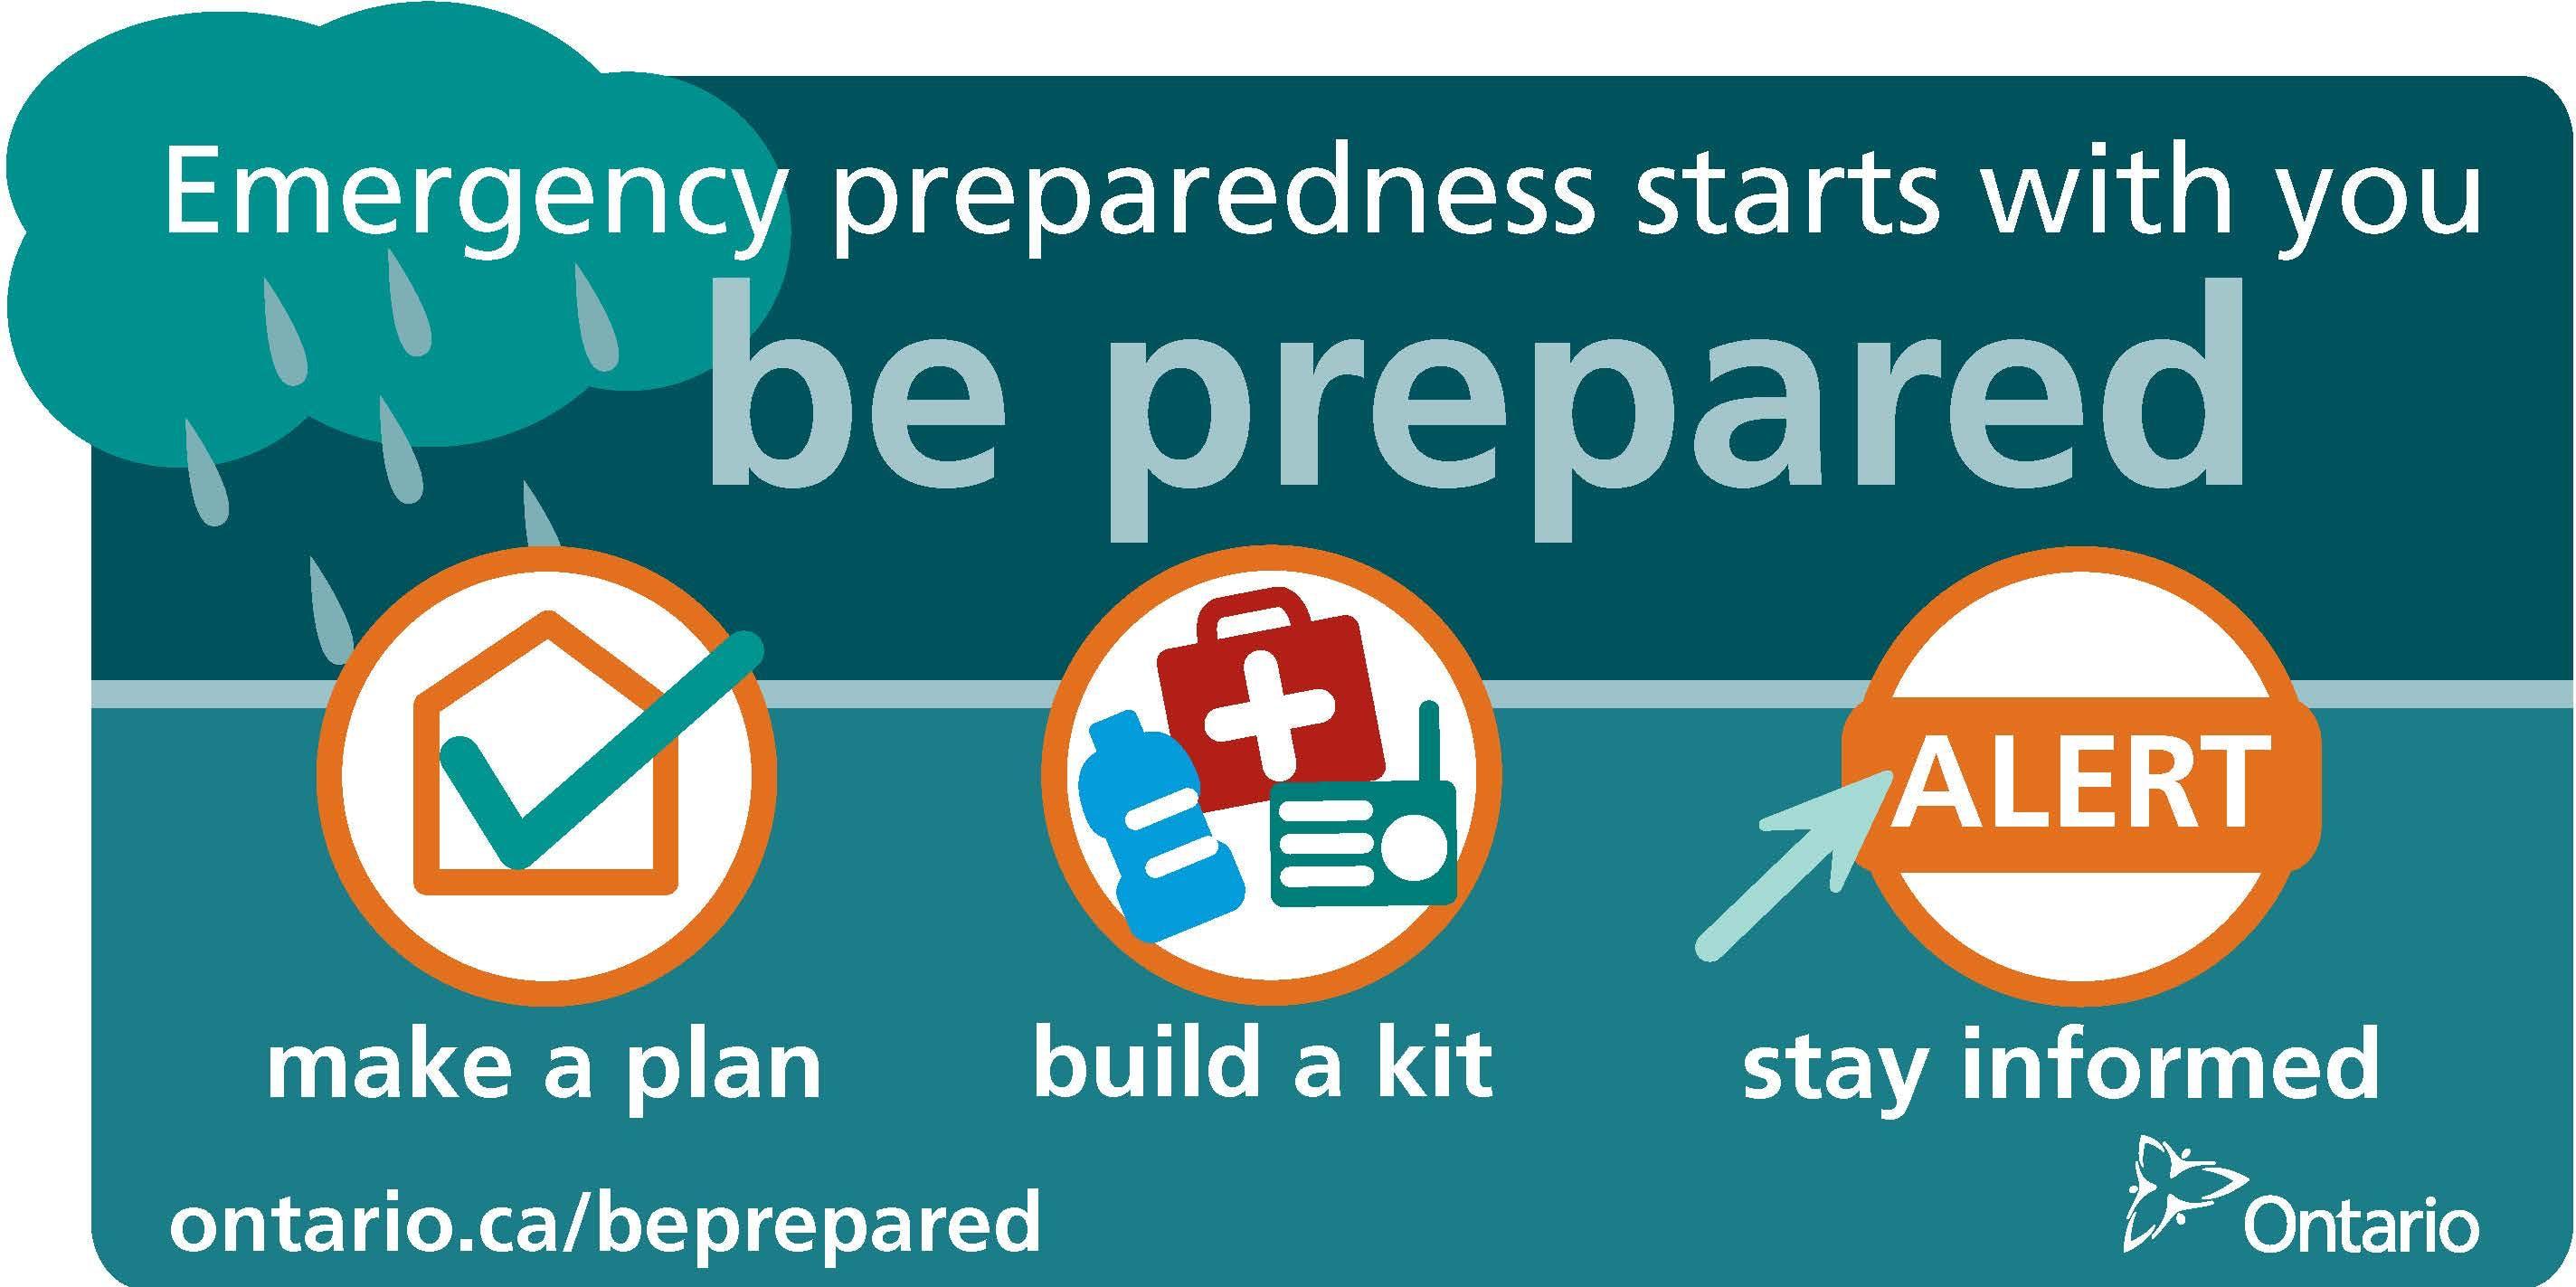 Personal preparedness 3 04 17